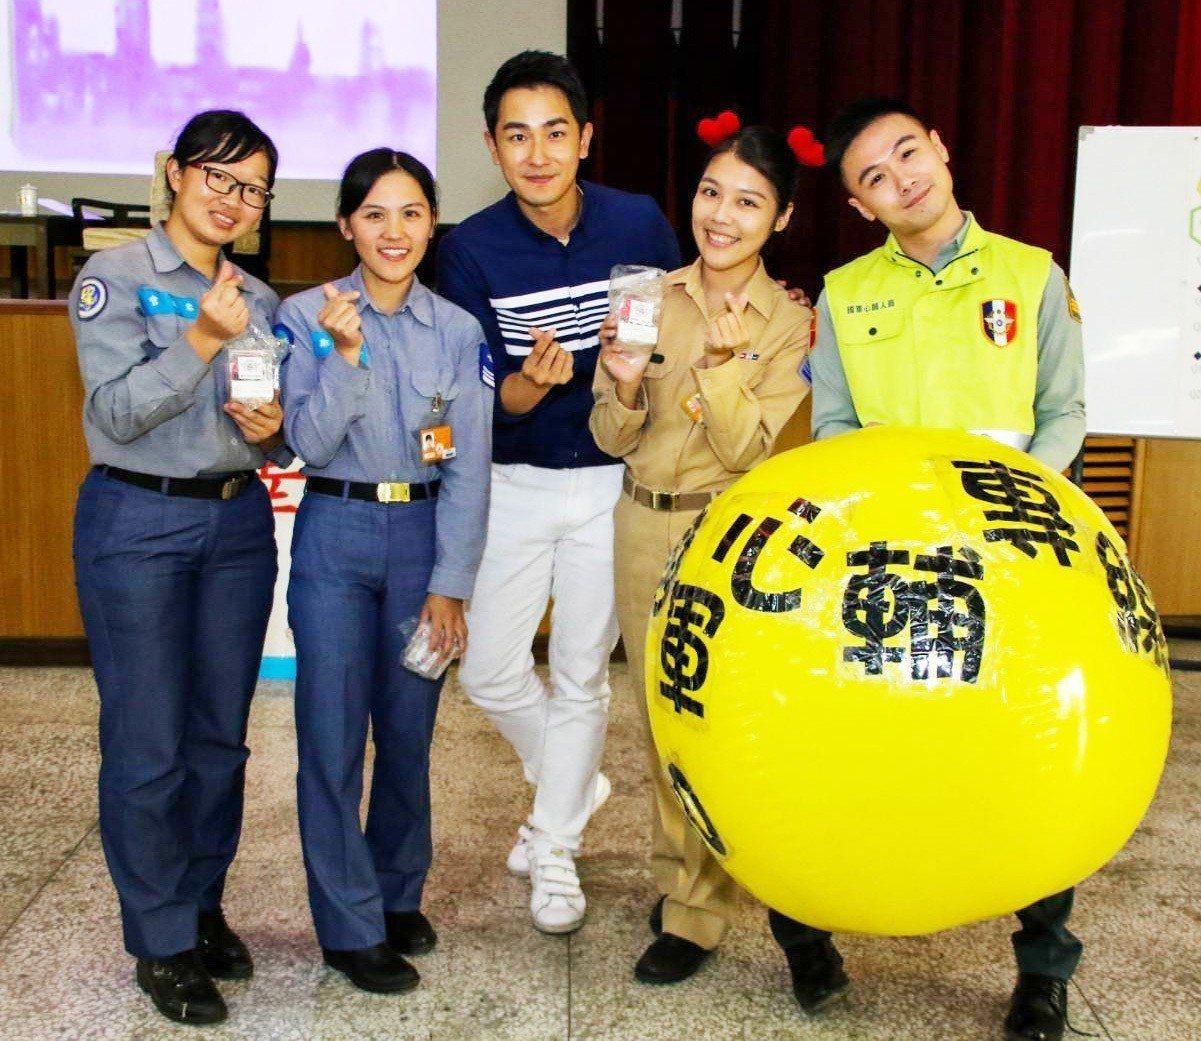 海軍陸戰隊邀請「女兵日記」演員陳謙文(左三)與官兵同歡。圖/海軍陸戰隊臉書